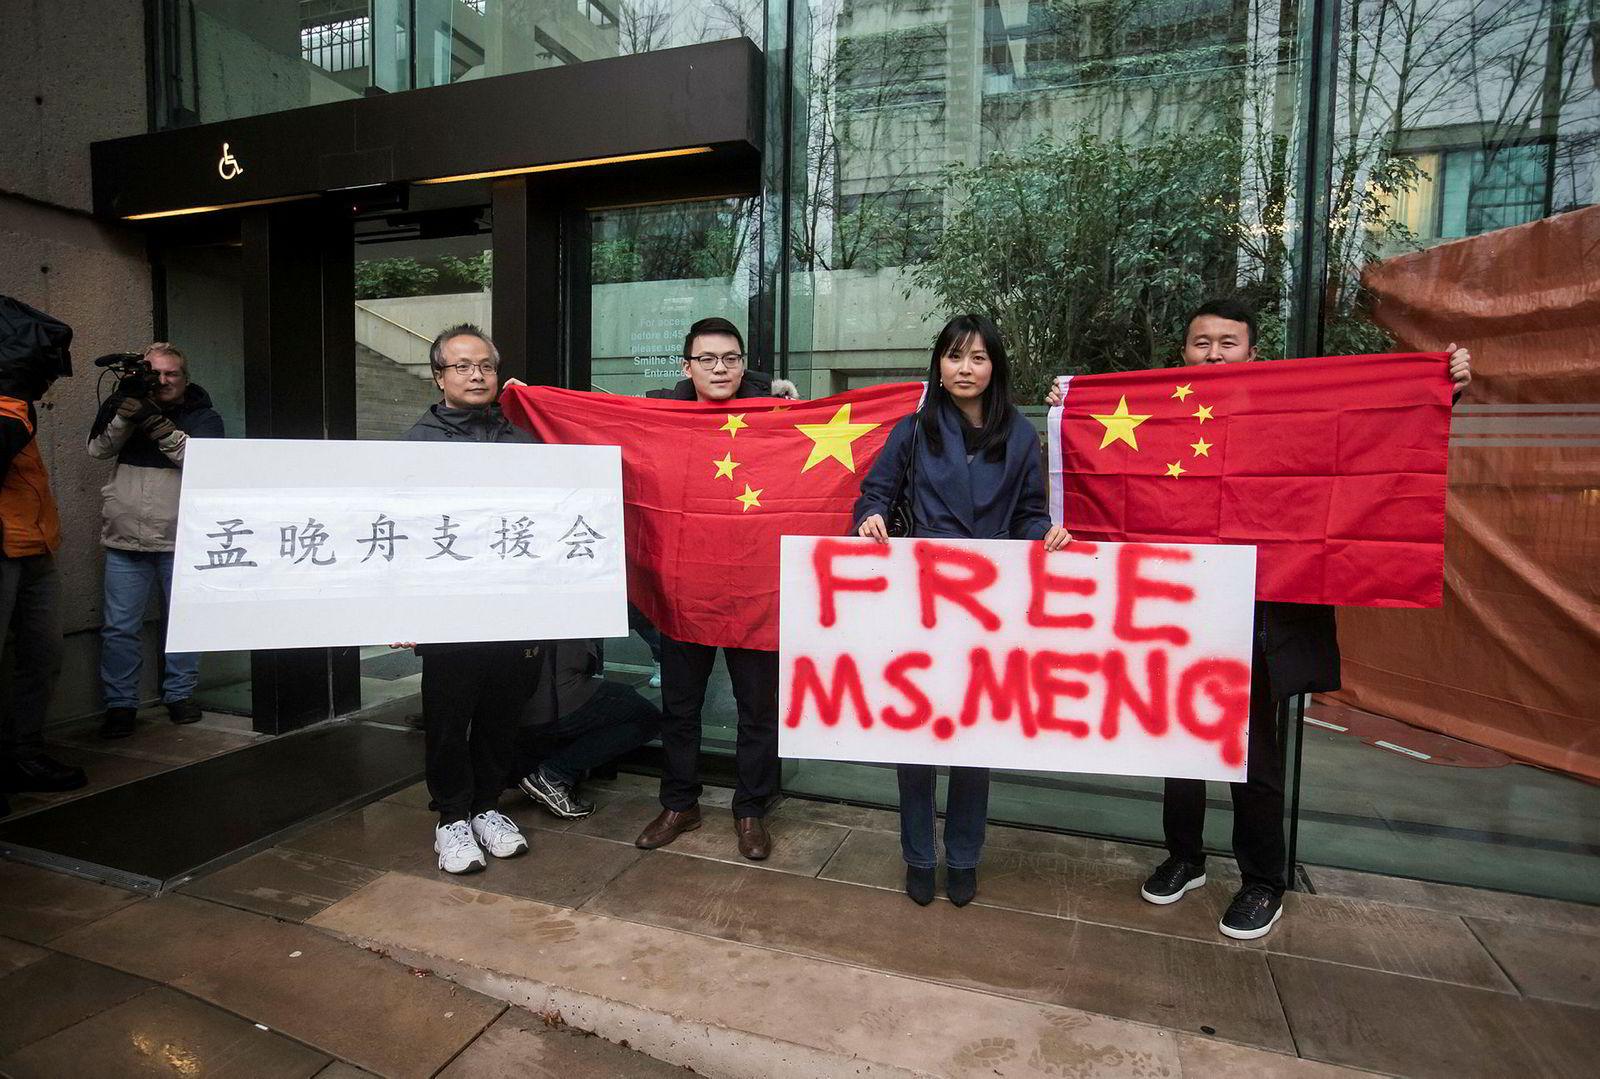 Tilhengere av Meng Wanzhou, finansdirektør i Huawei Technologies, holder plakater og kinesiske flagg utenfor British Columbia Supreme Court, Vancouver under en høring for Meng Wanzhou i desember.